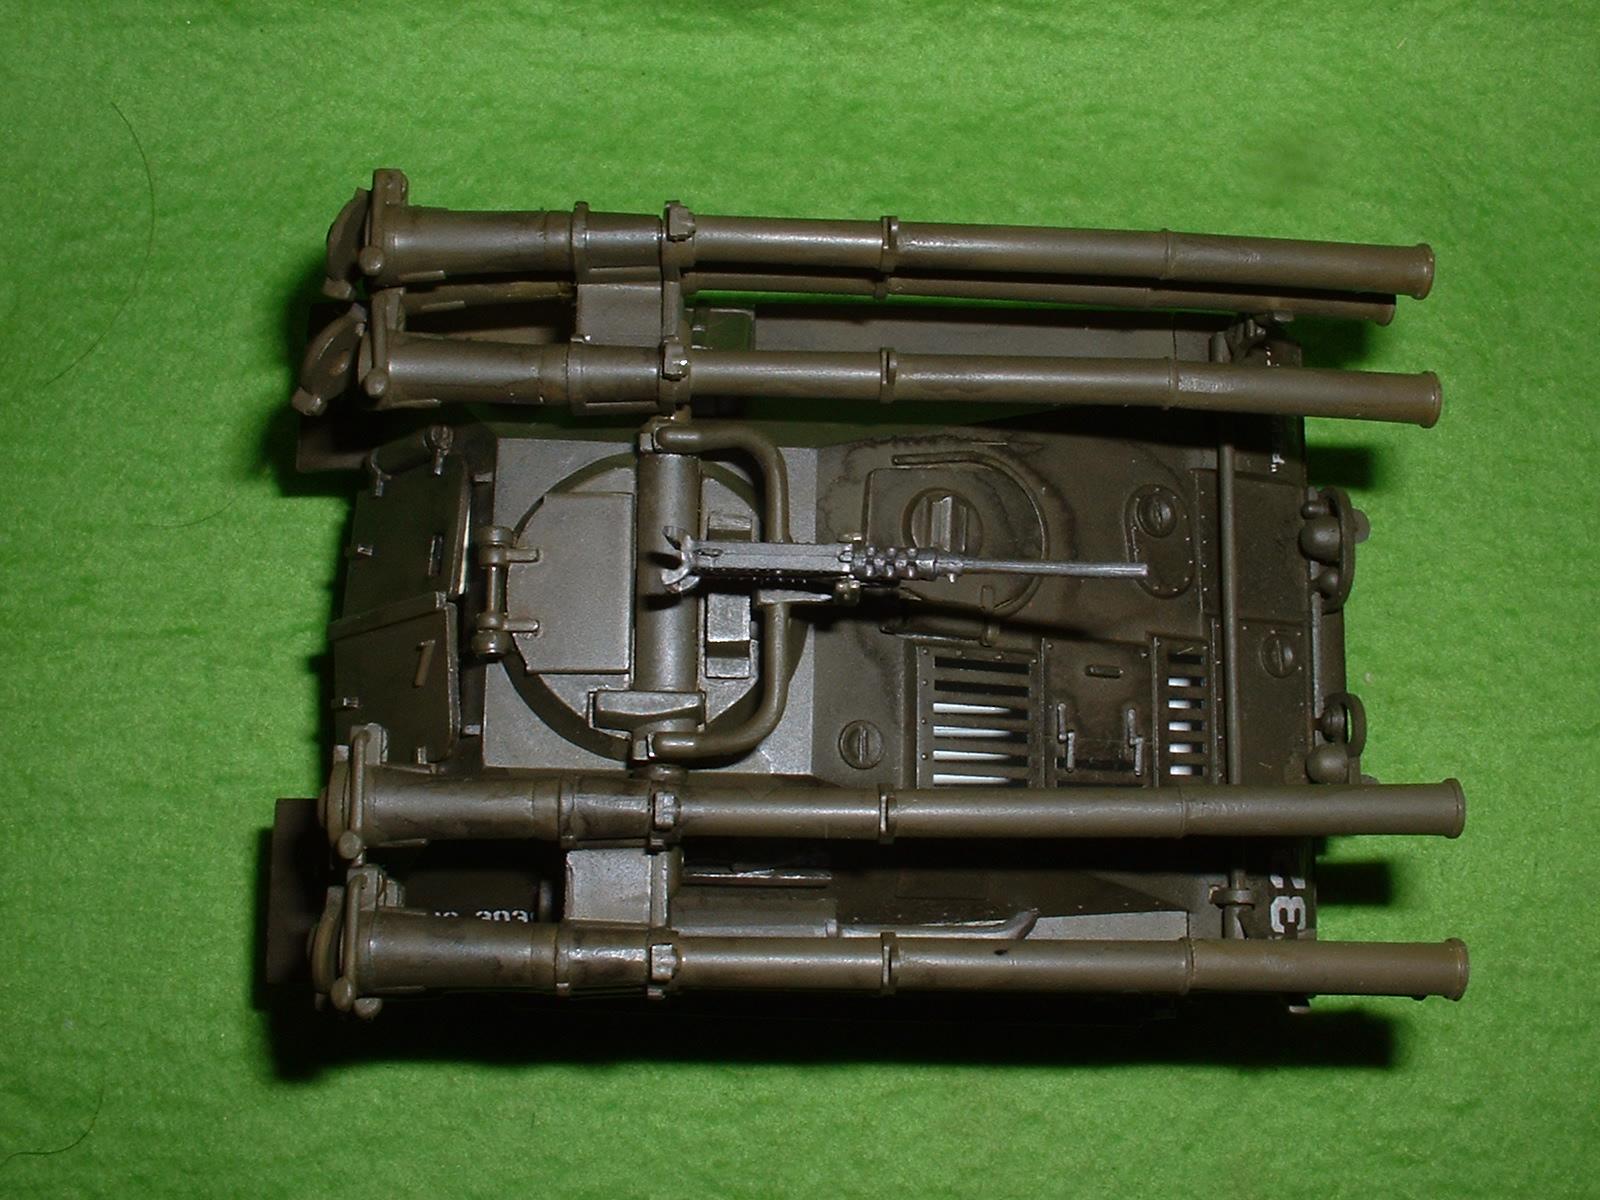 レベル社 32分の1「M-50 オントス」 上より Doburoku-TAO.JPG.JPG